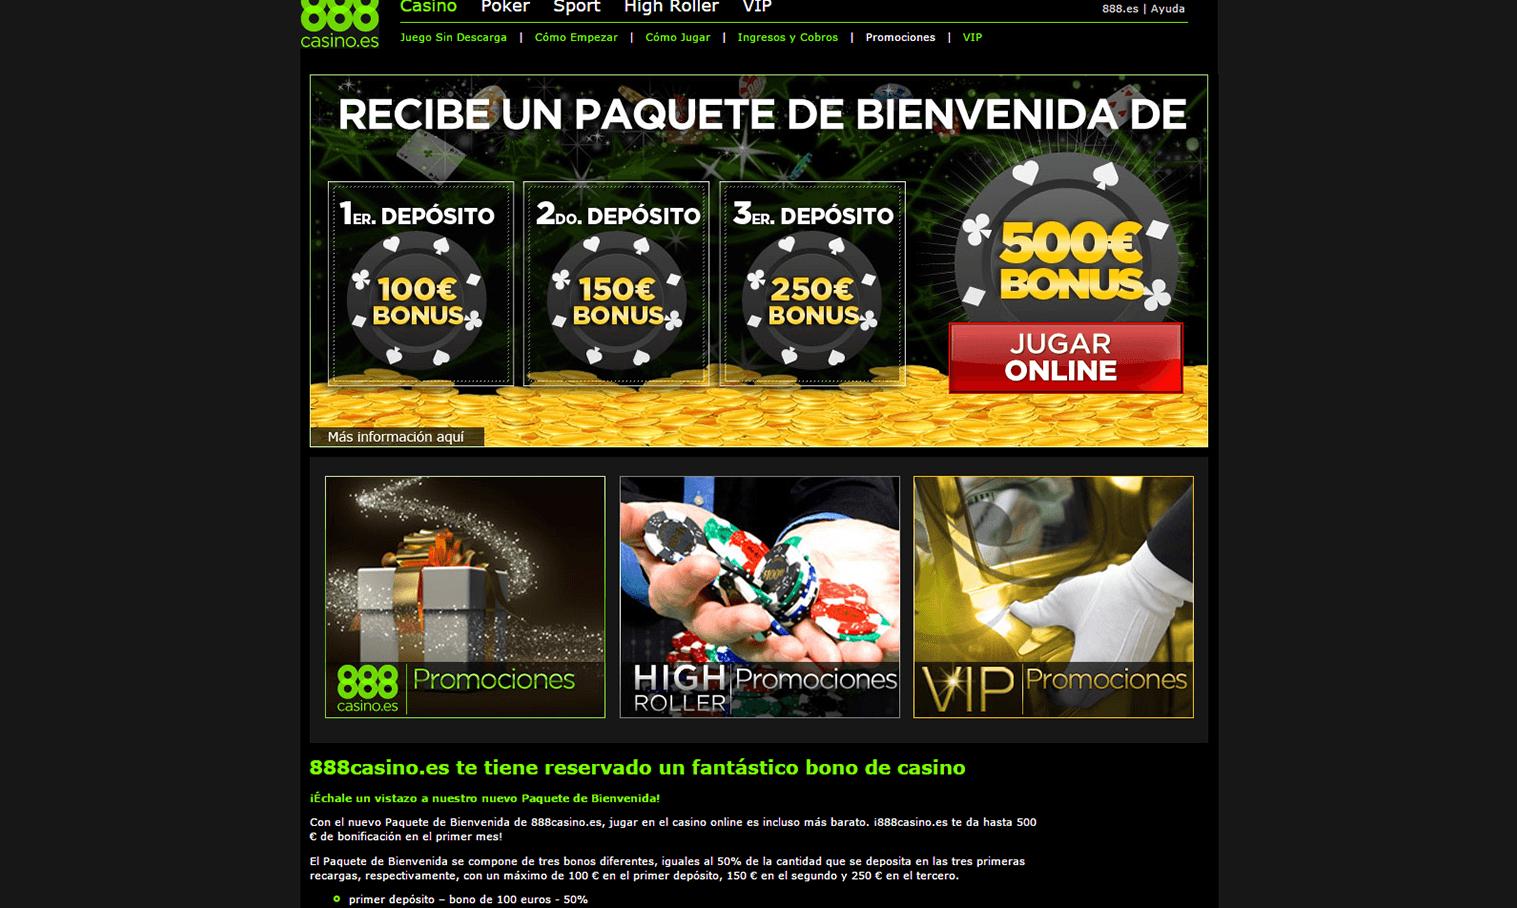 Juegos VipStakes com promociones de casinos-328482